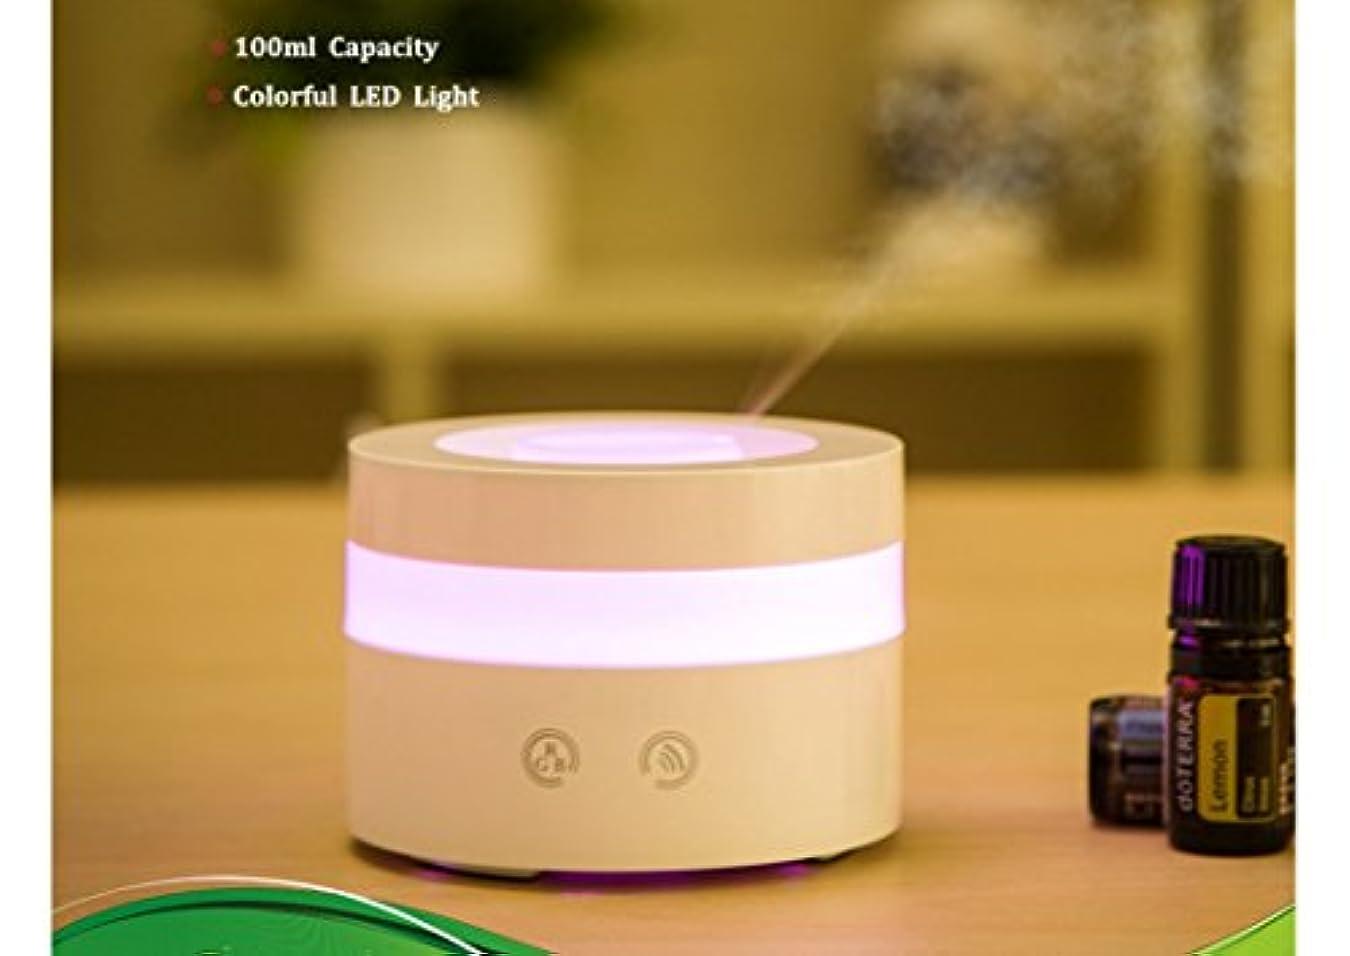 オープニングを通して硬いActpe Portable Travel-size USB 100ml Aroma Essential Oil Diffuser Ultrasonic Air Humidifier Ultrasonic Cool Mist...